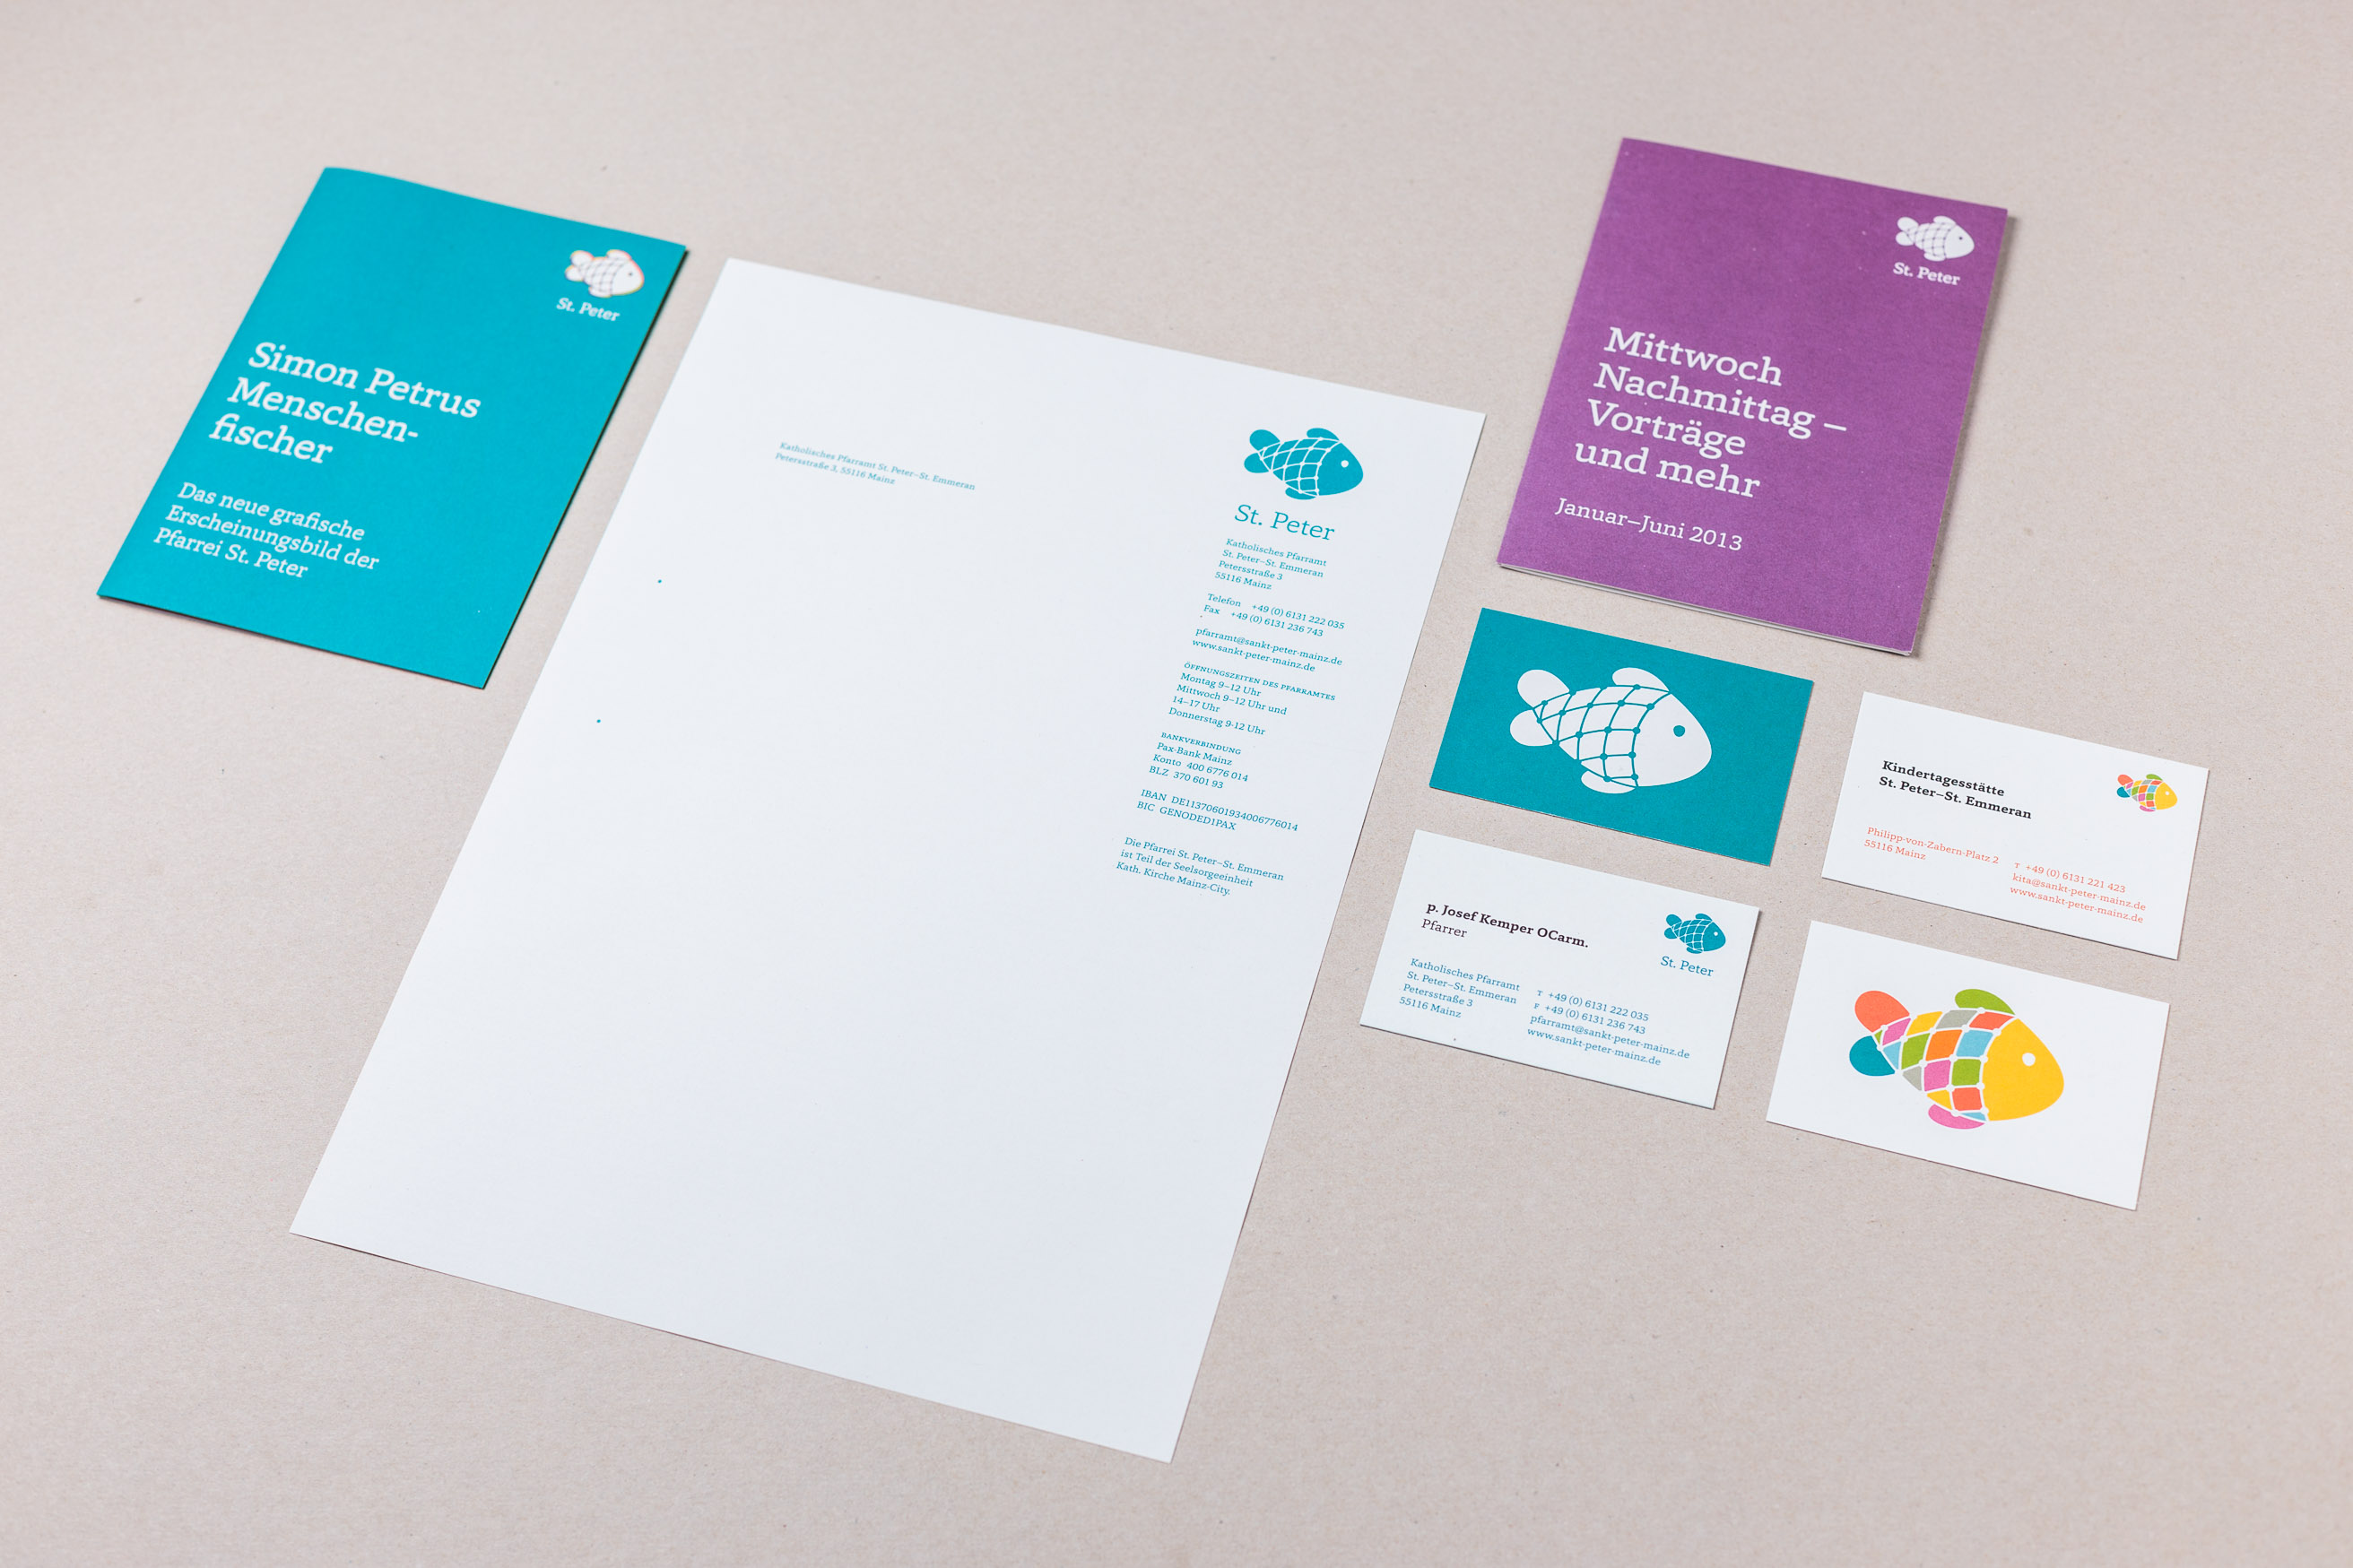 Erscheinungsbild: Briefbogen, Flyer, Faltblätter, Visitenkarten, Gemeinde St. Peter